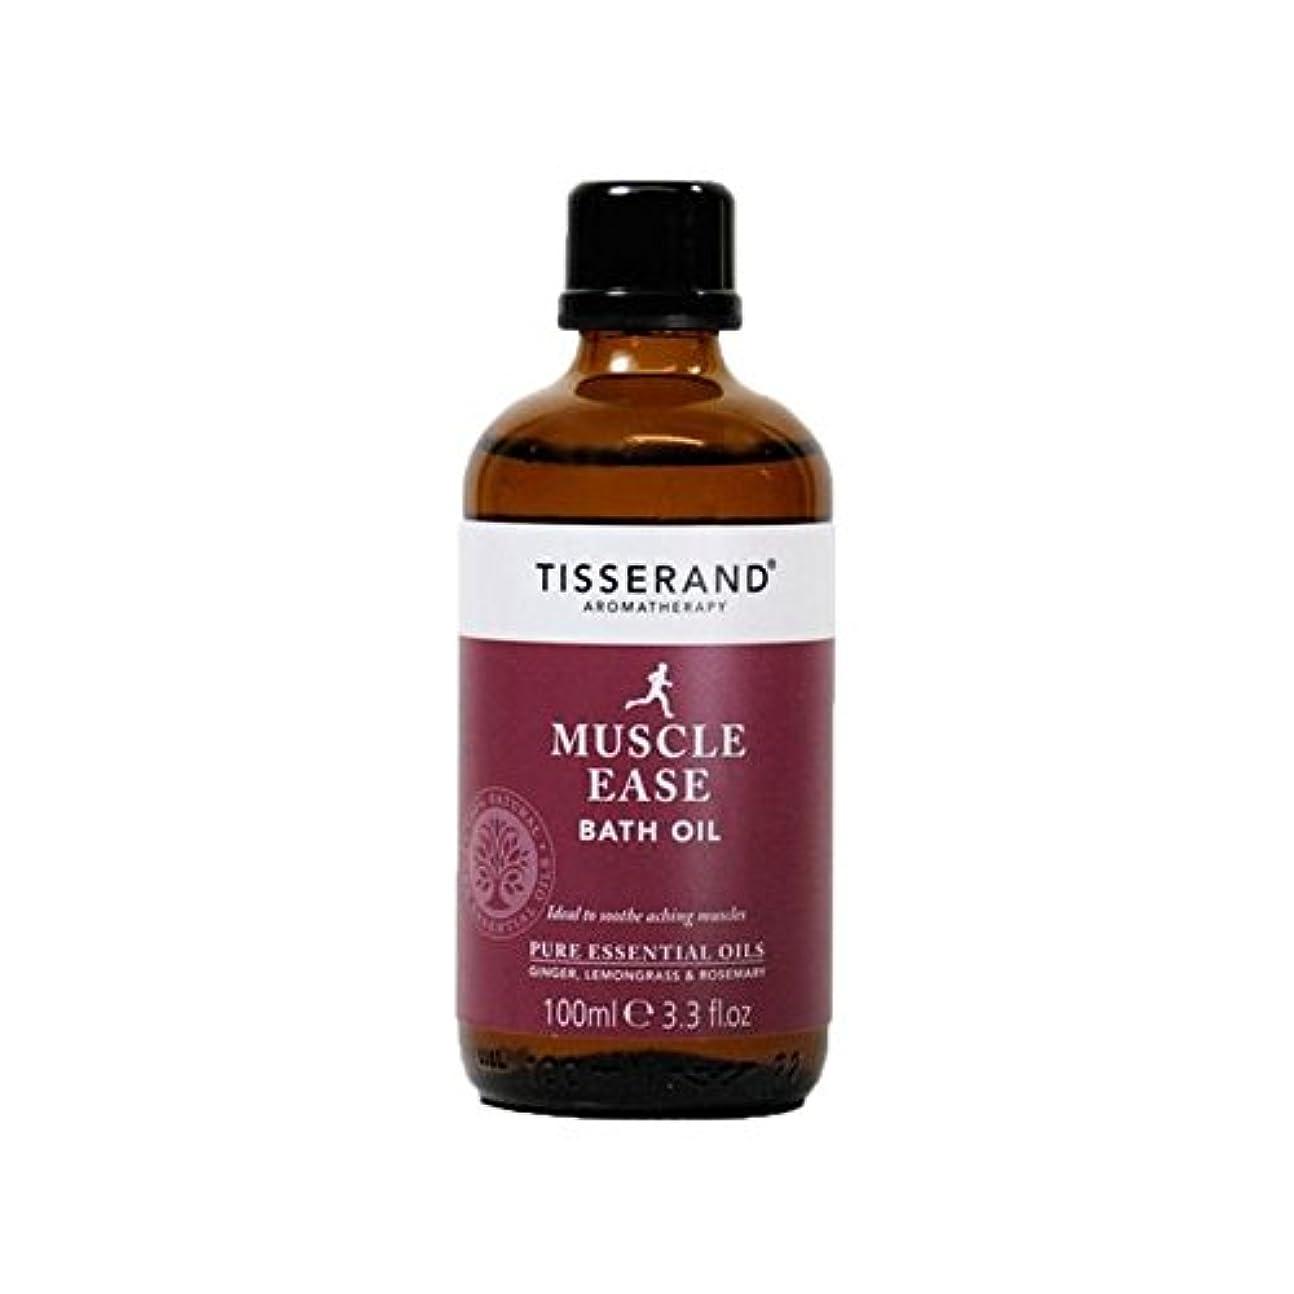 涙腐敗した再撮りティスランド筋肉やすバスオイル100ミリリットル x4 - Tisserand Muscle Ease Bath Oil 100ml (Pack of 4) [並行輸入品]